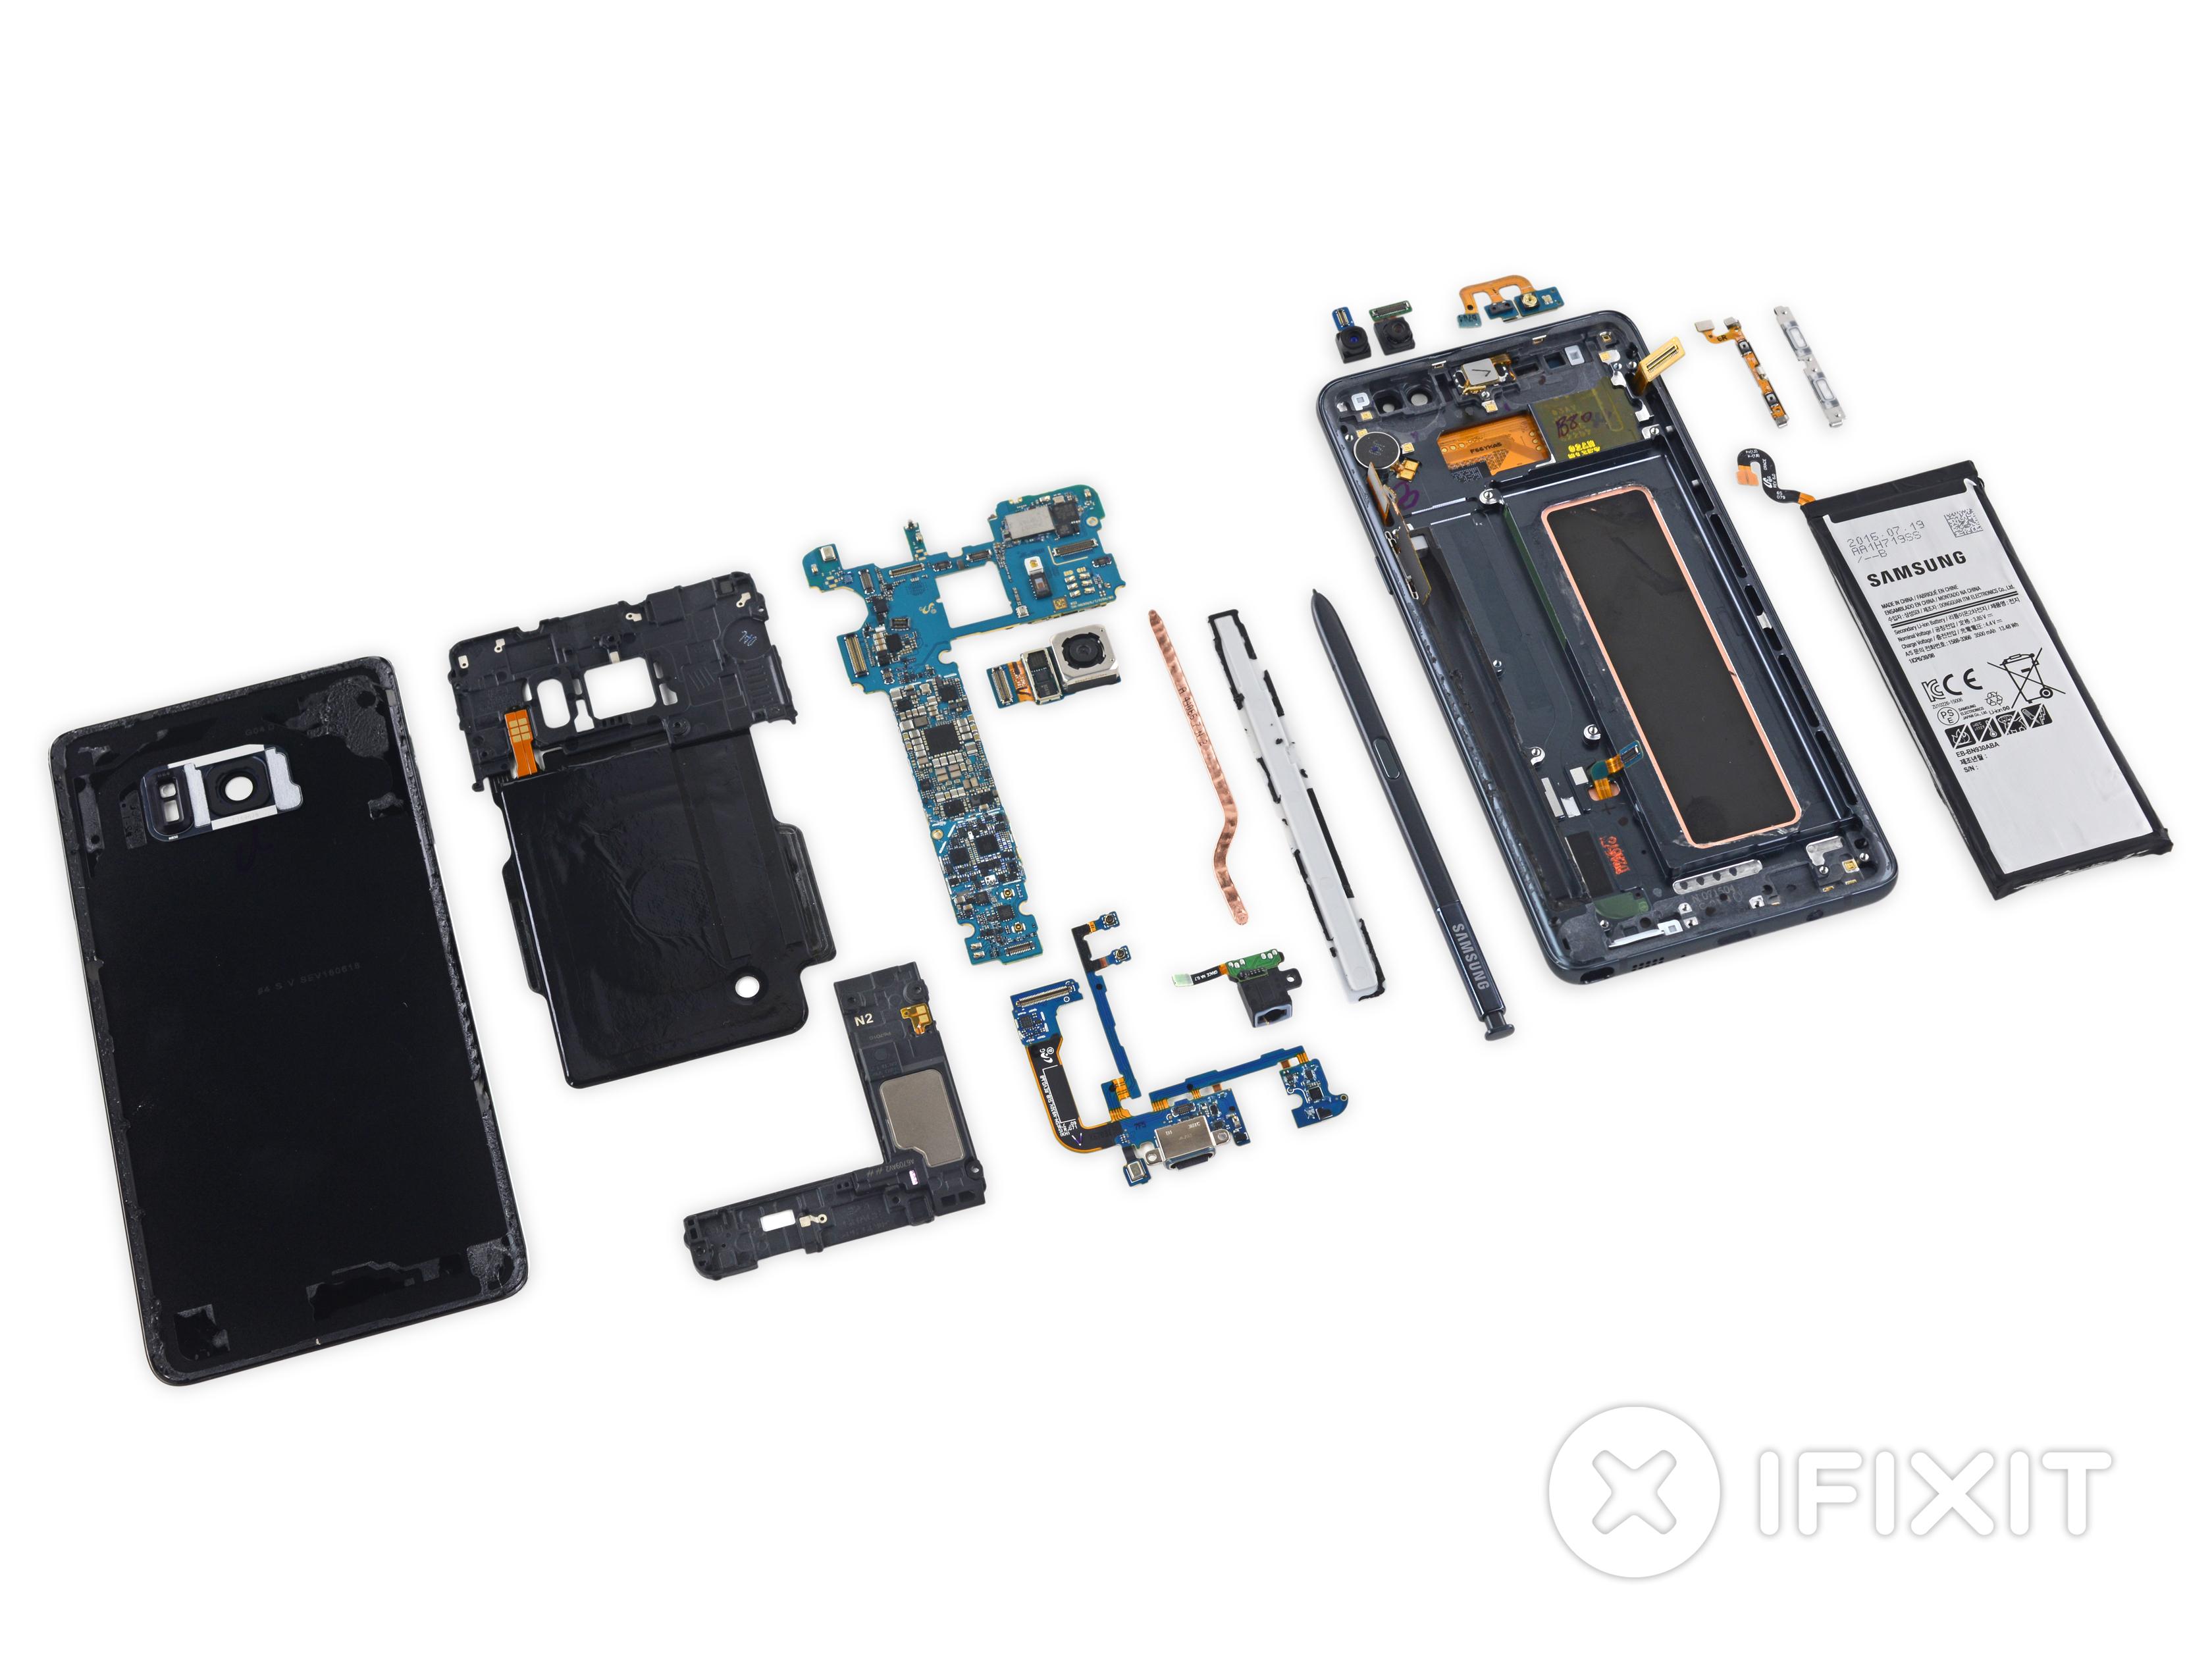 6 actualités qui ont marqué la semaine : Galaxy Note 7, le Mac Pro de Samsung, l'iPhone 8…